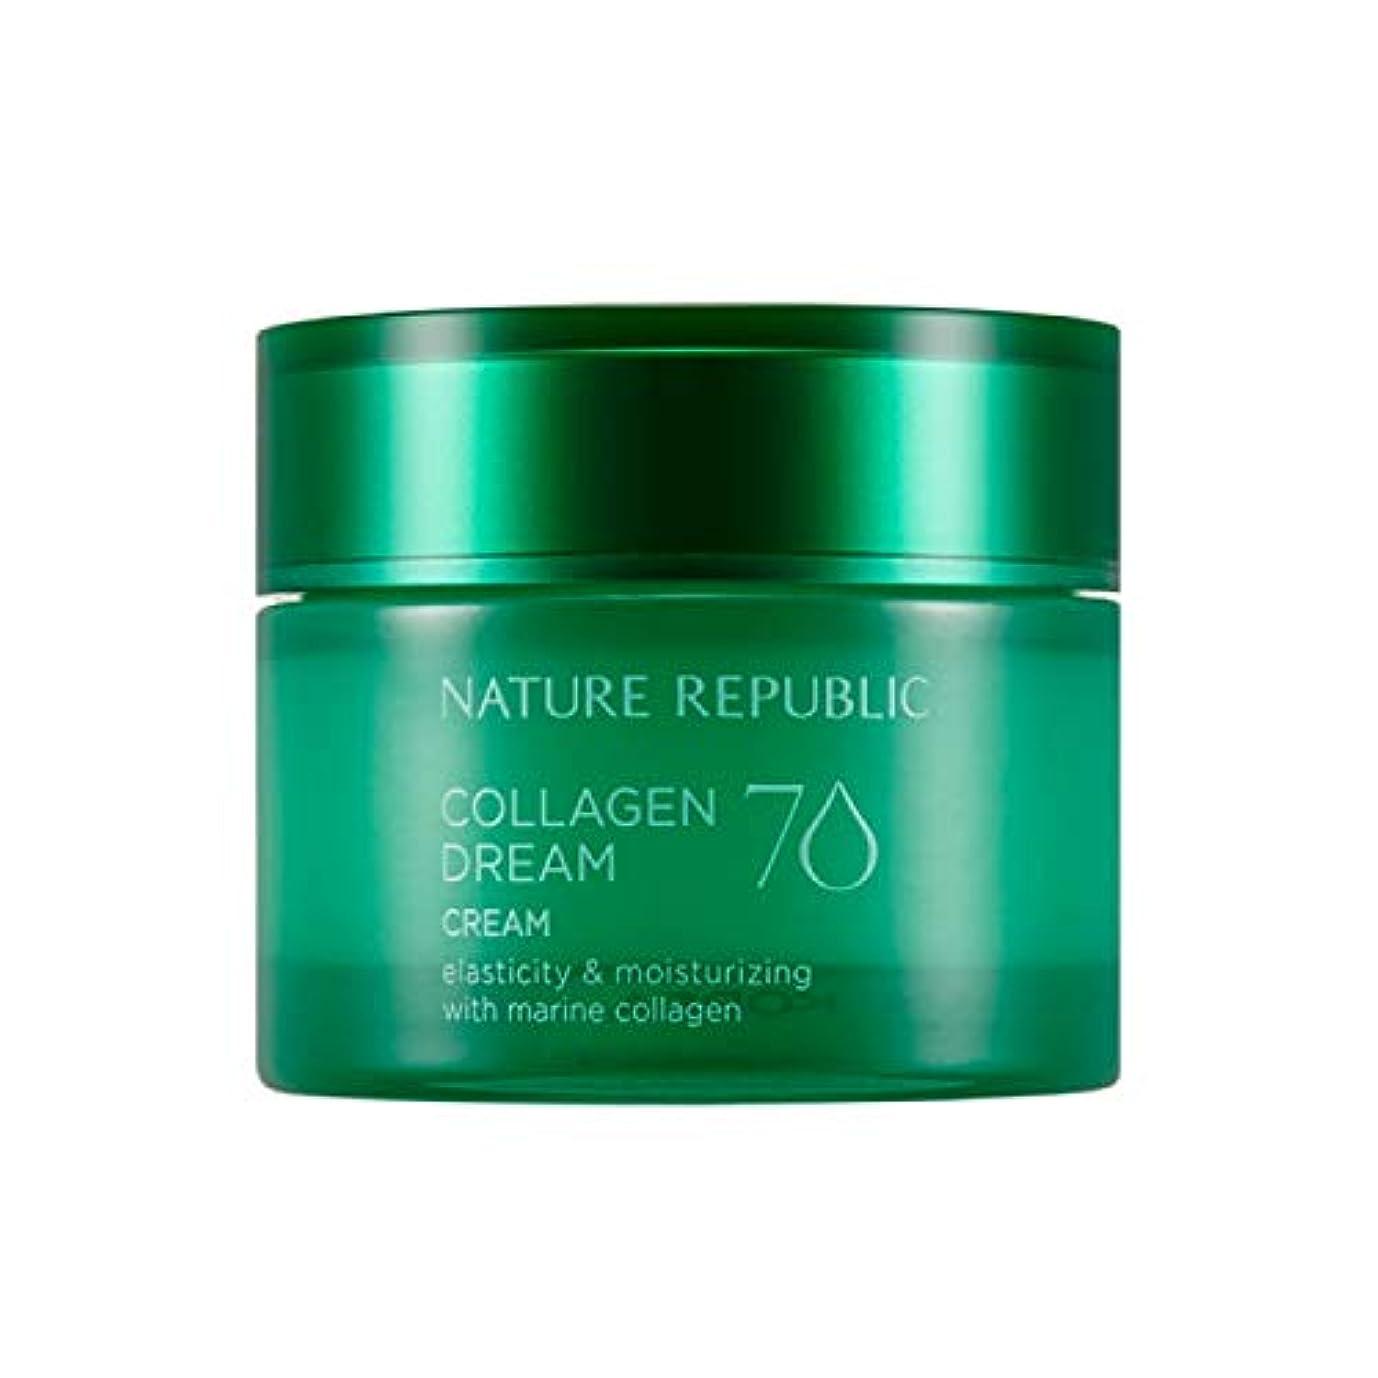 疑い解読する闘争ネイチャーリパブリック(Nature Republic)コラーゲンドリーム70クリーム 50ml / Collagen Dream 70 Cream 50ml :: 韓国コスメ [並行輸入品]